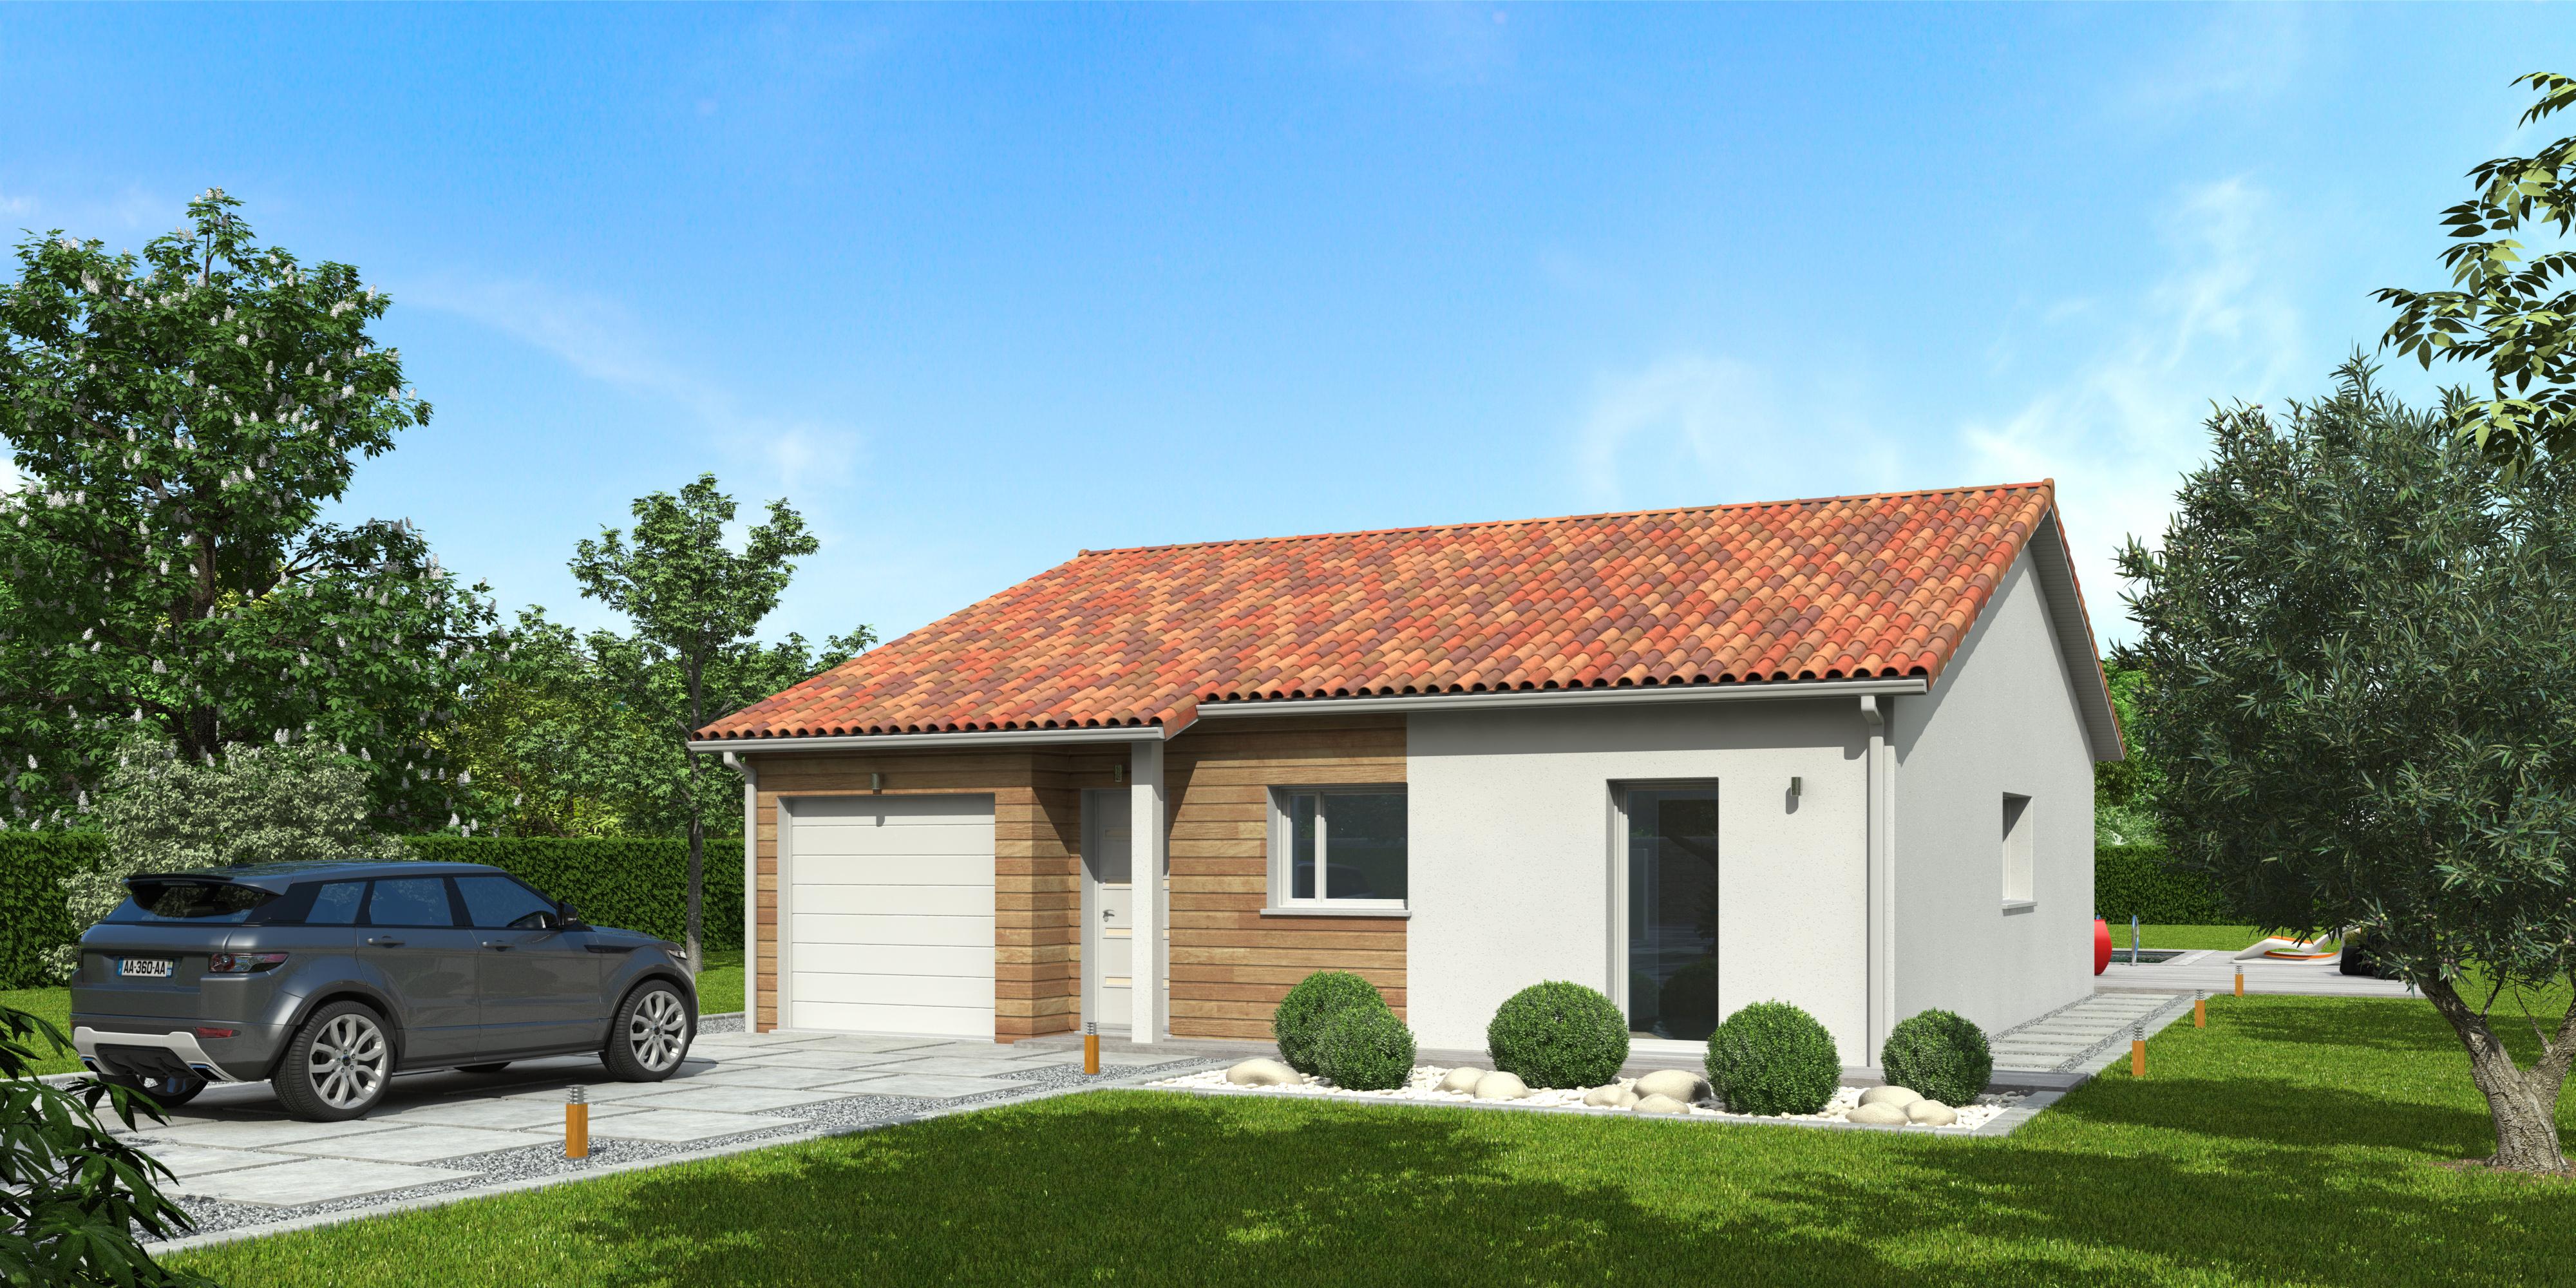 Maisons du constructeur NATILIA • 92 m² • QUINCIE EN BEAUJOLAIS